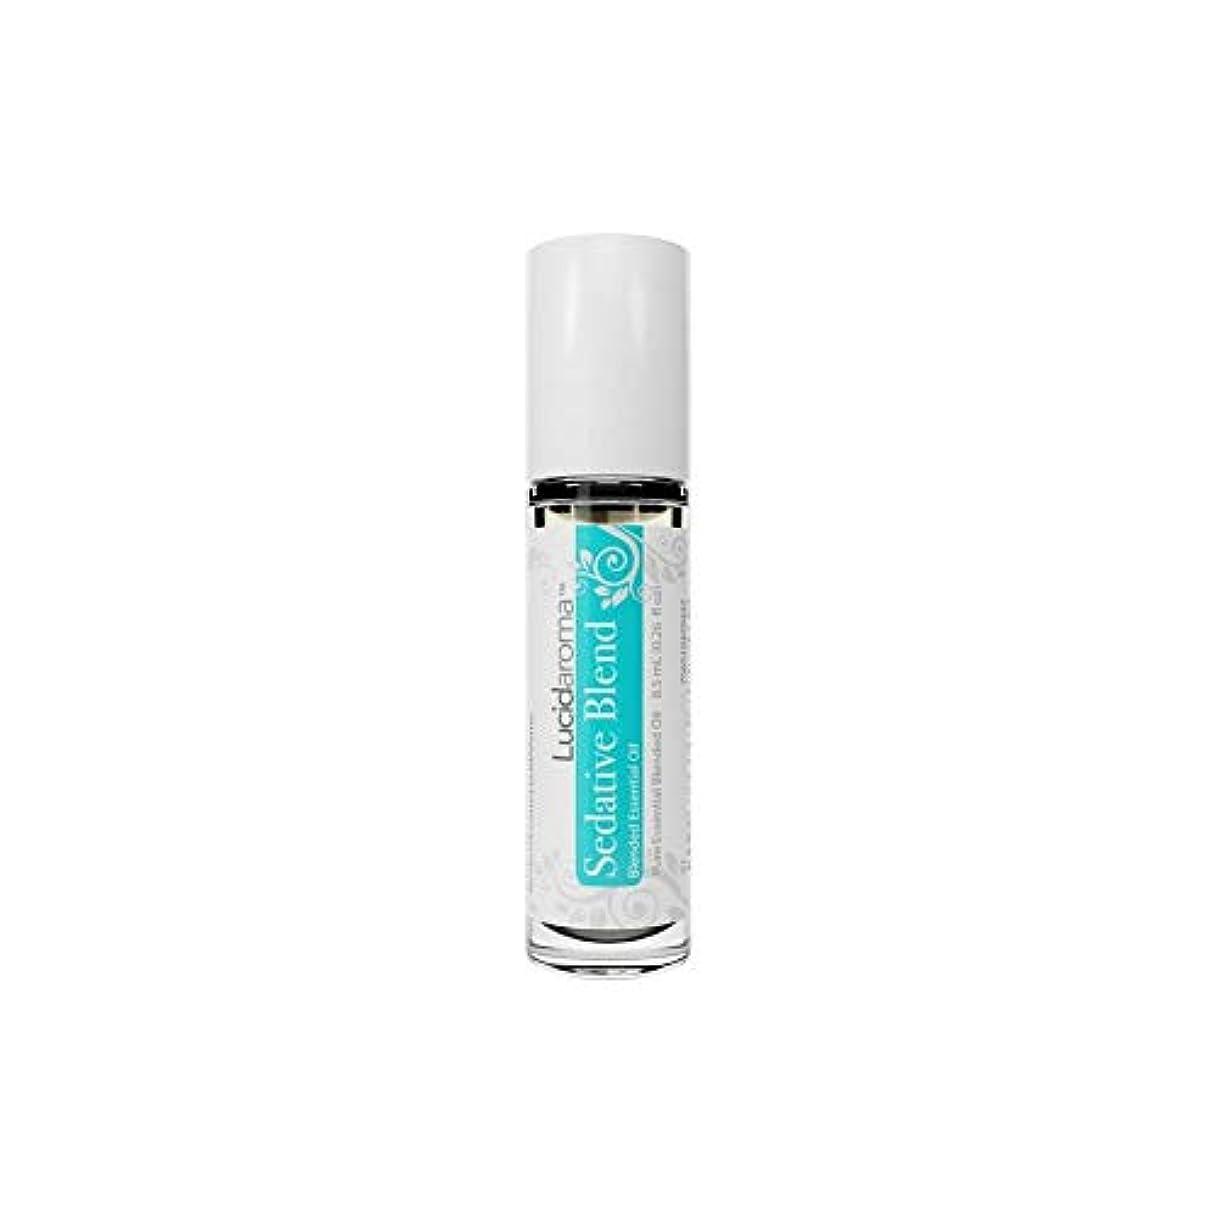 拍車醜いサラミLucid Aroma Sedative Blend セダティヴ ブレンド ロールオン アロマオイル 8.5mL (塗るアロマ) 100%天然 携帯便利 ピュア エッセンシャル アメリカ製